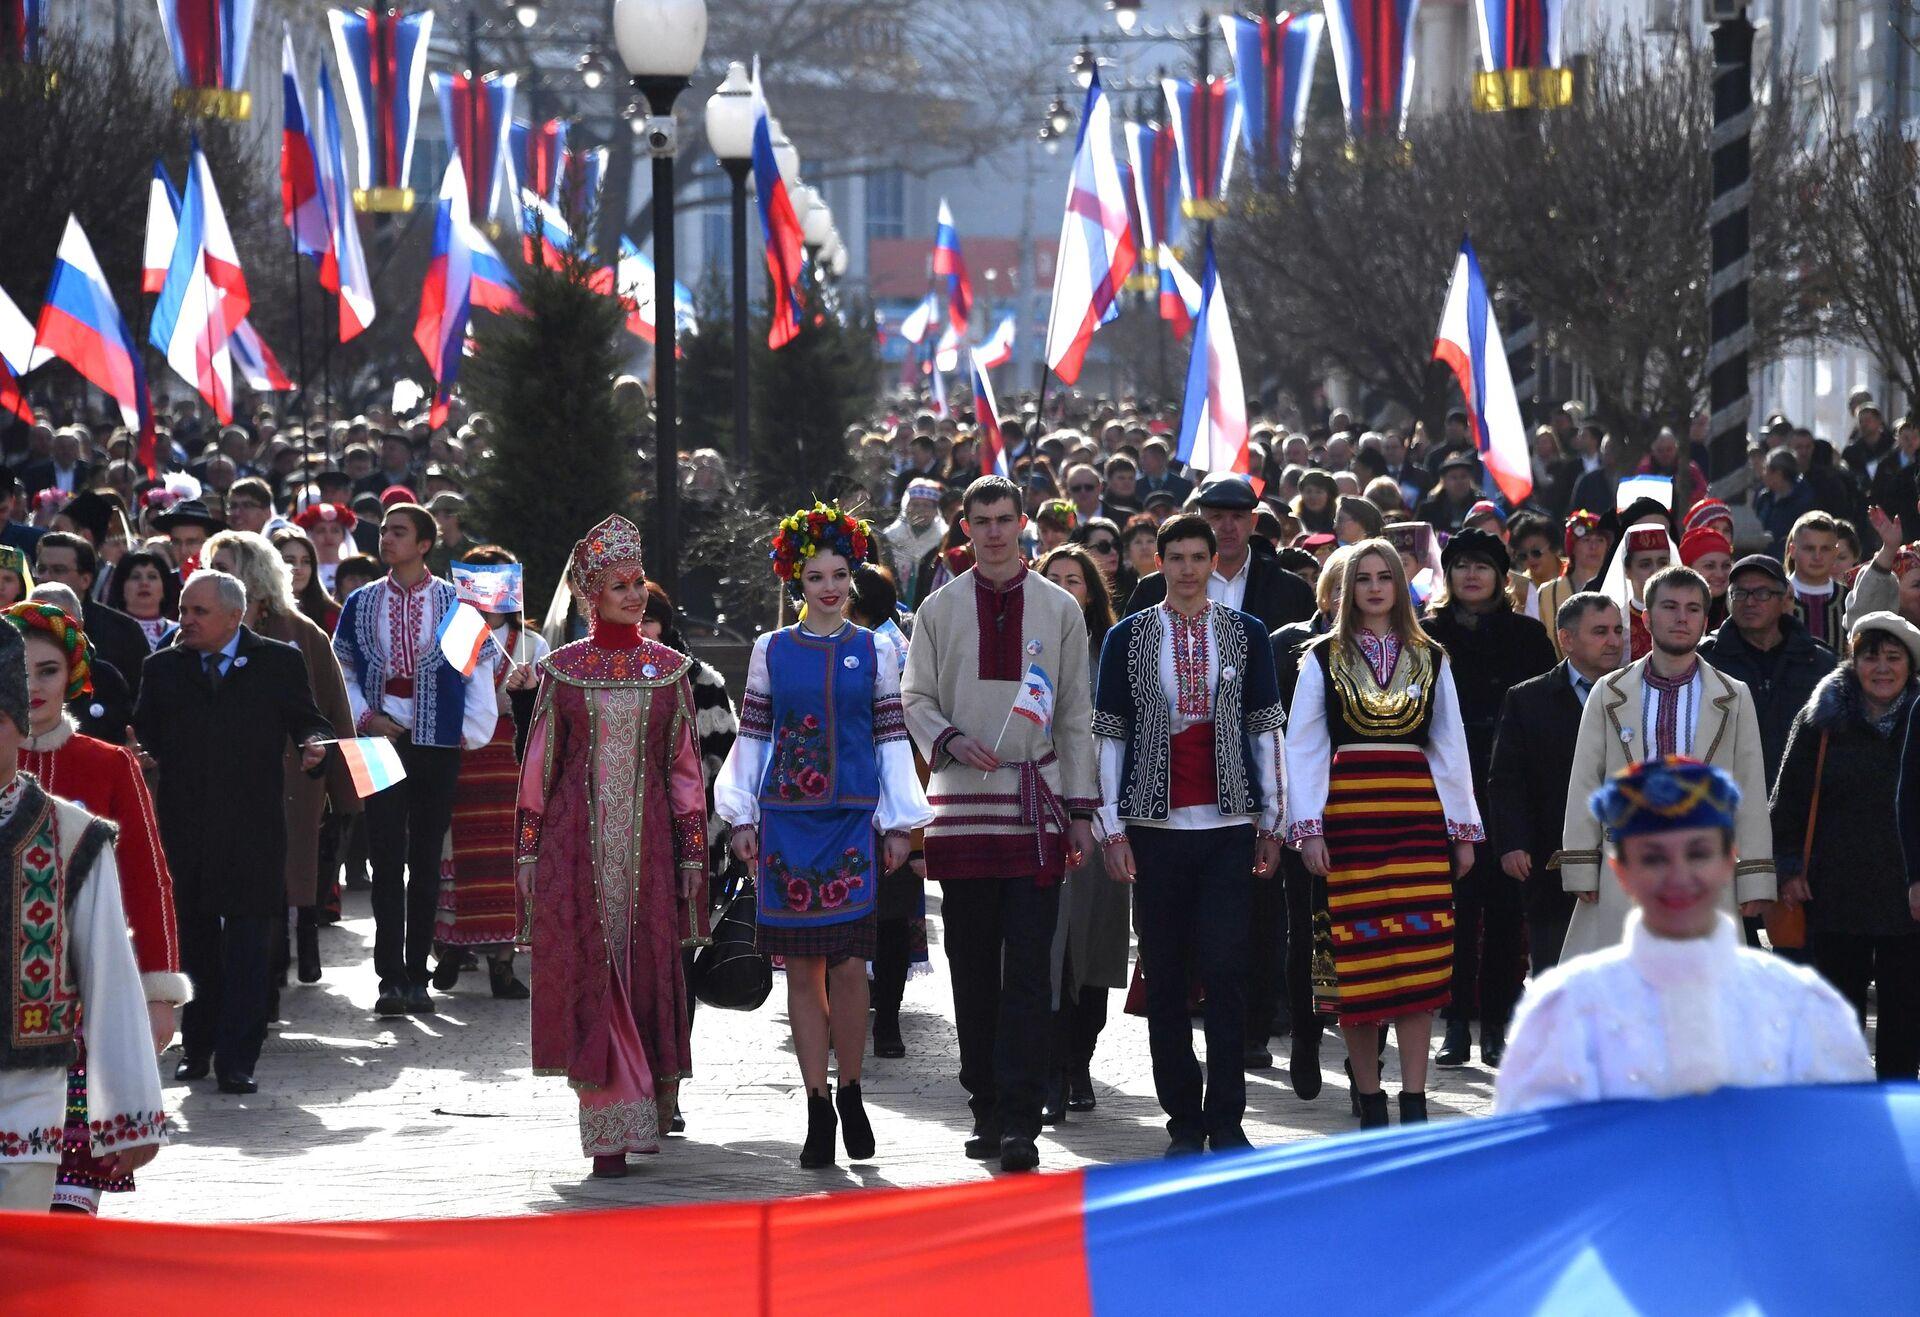 Праздничное шествие, посвященное годовщине Общекрымского референдума 2014 года и воссоединения Крыма с Россией, на одной из улиц в Симферополе - РИА Новости, 1920, 12.03.2021